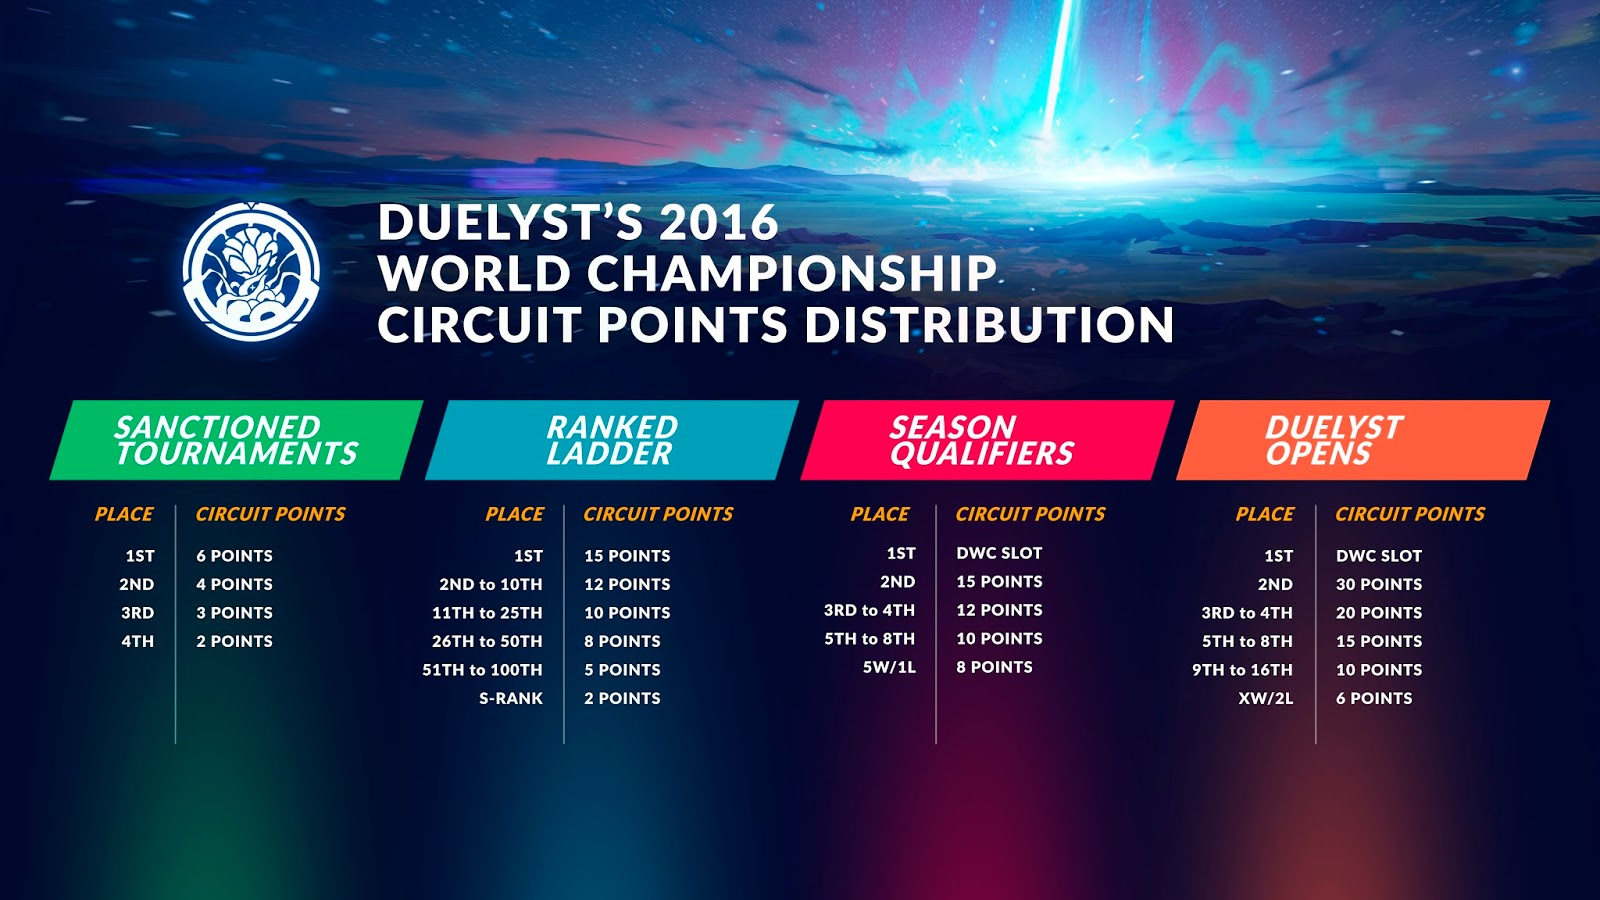 duelyst 世界選手権2016の概要 - duelystの翻訳と大会運営のブログ